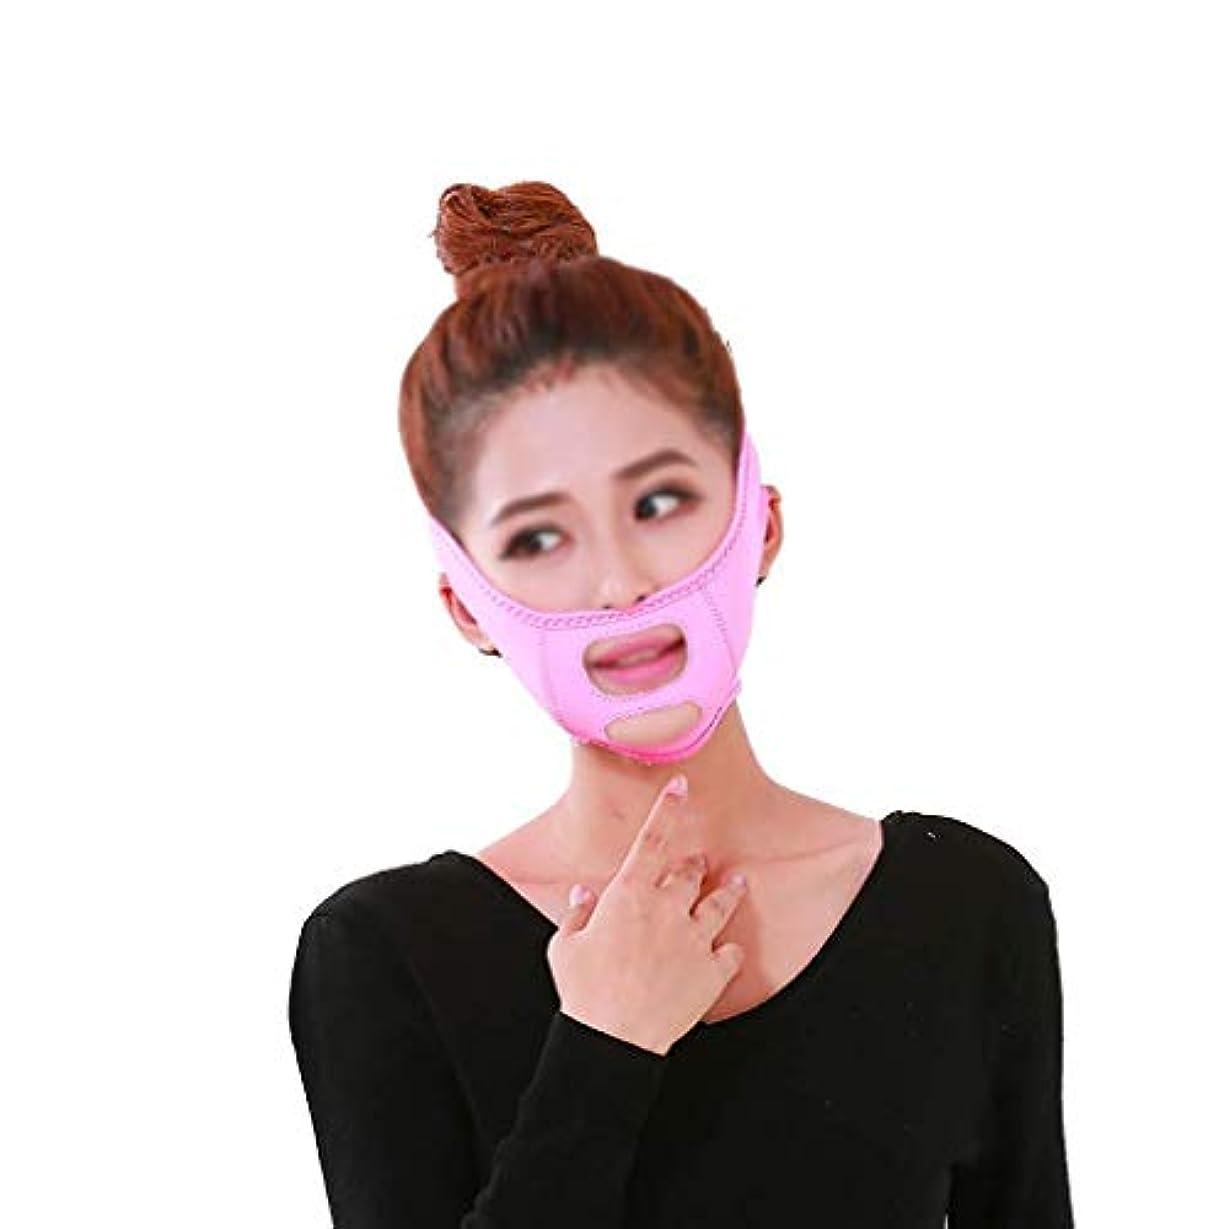 ロバ降ろす毎月フェイスリフトフェイシャル、フェイシャルマスクVフェイスマスクタイトで肌のリラクゼーションを防止Vフェイスアーティファクトフェイスリフトバンデージフェイスケア(色:青)